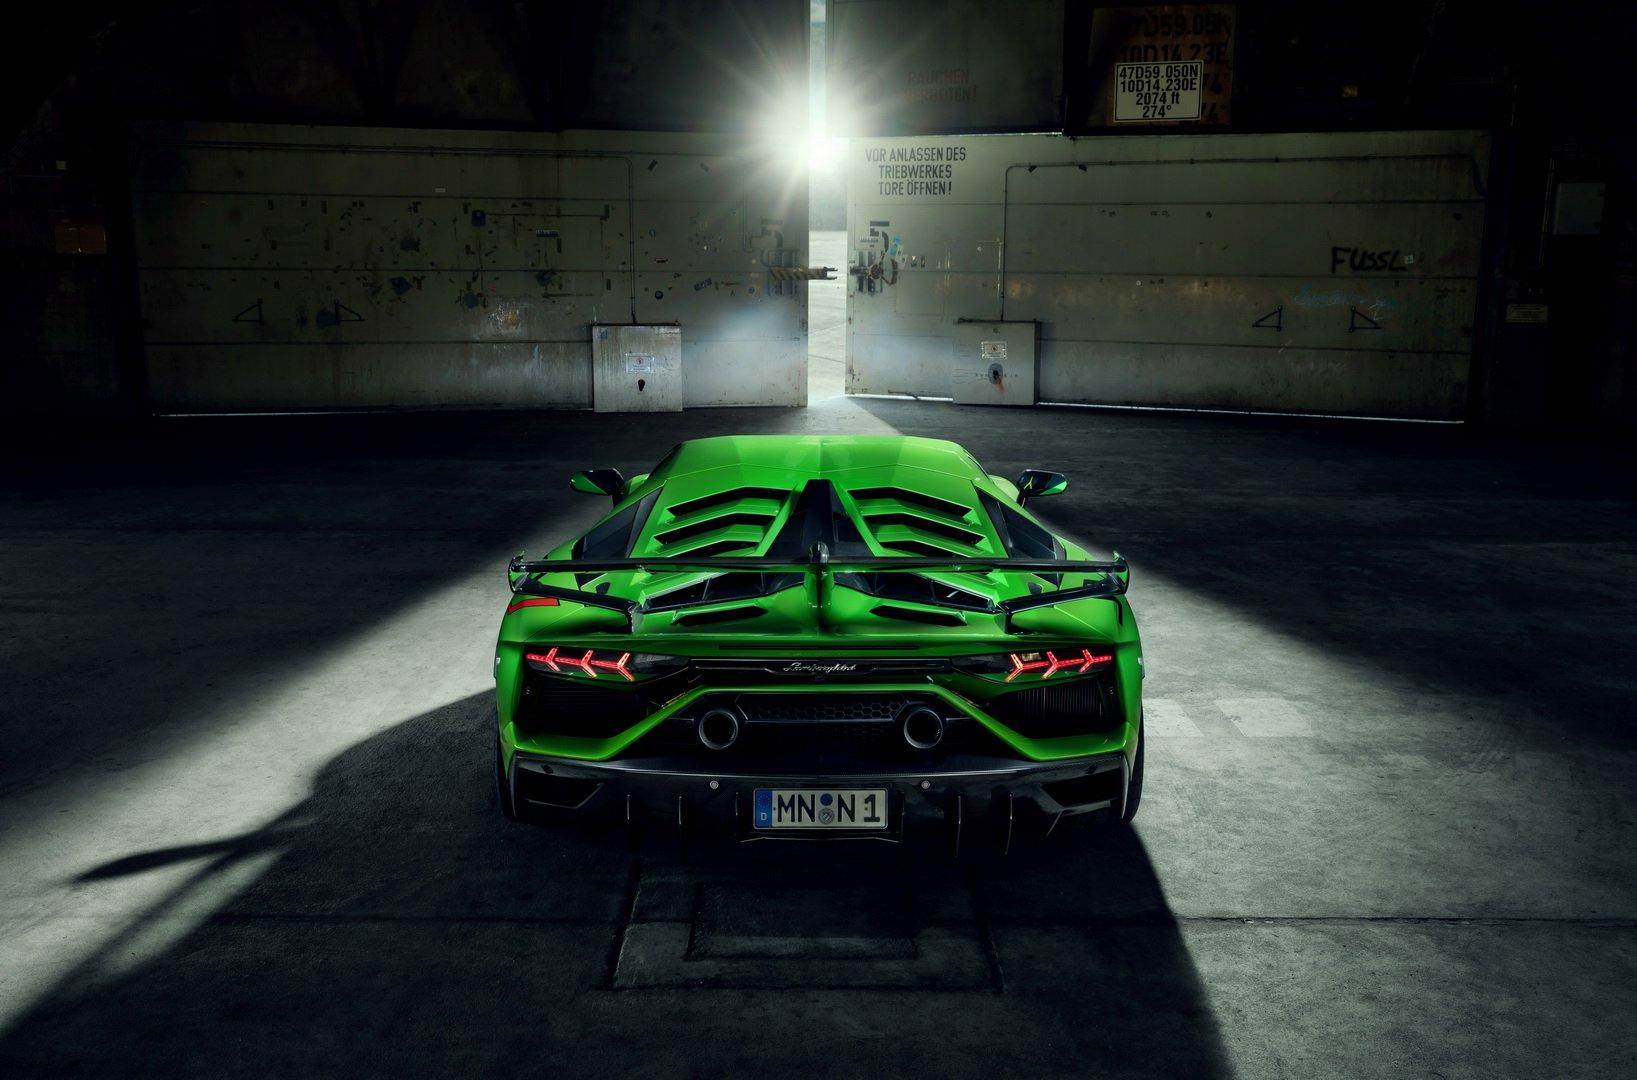 Lamborghini-Aventador-SVJ-by-Novitec-9